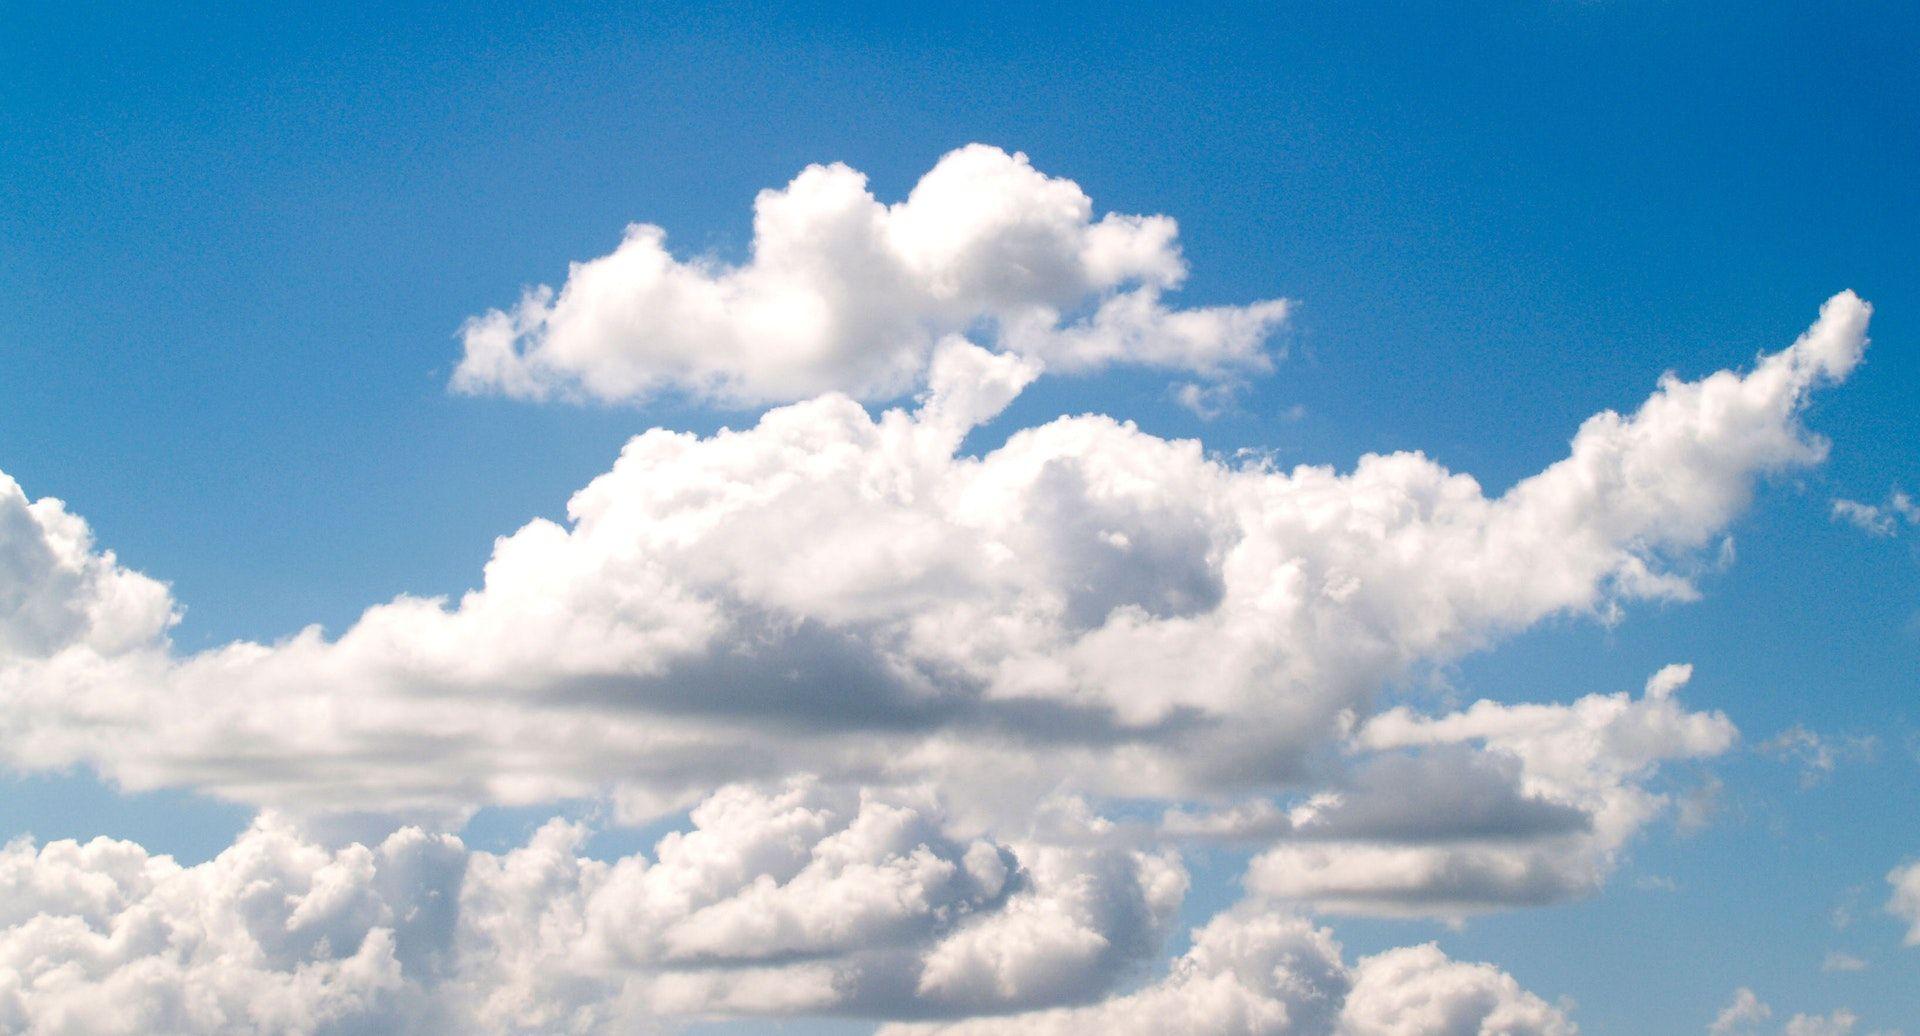 عکس زمینه ابرهای سفید در آسمان آبی آفتابی پس زمینه